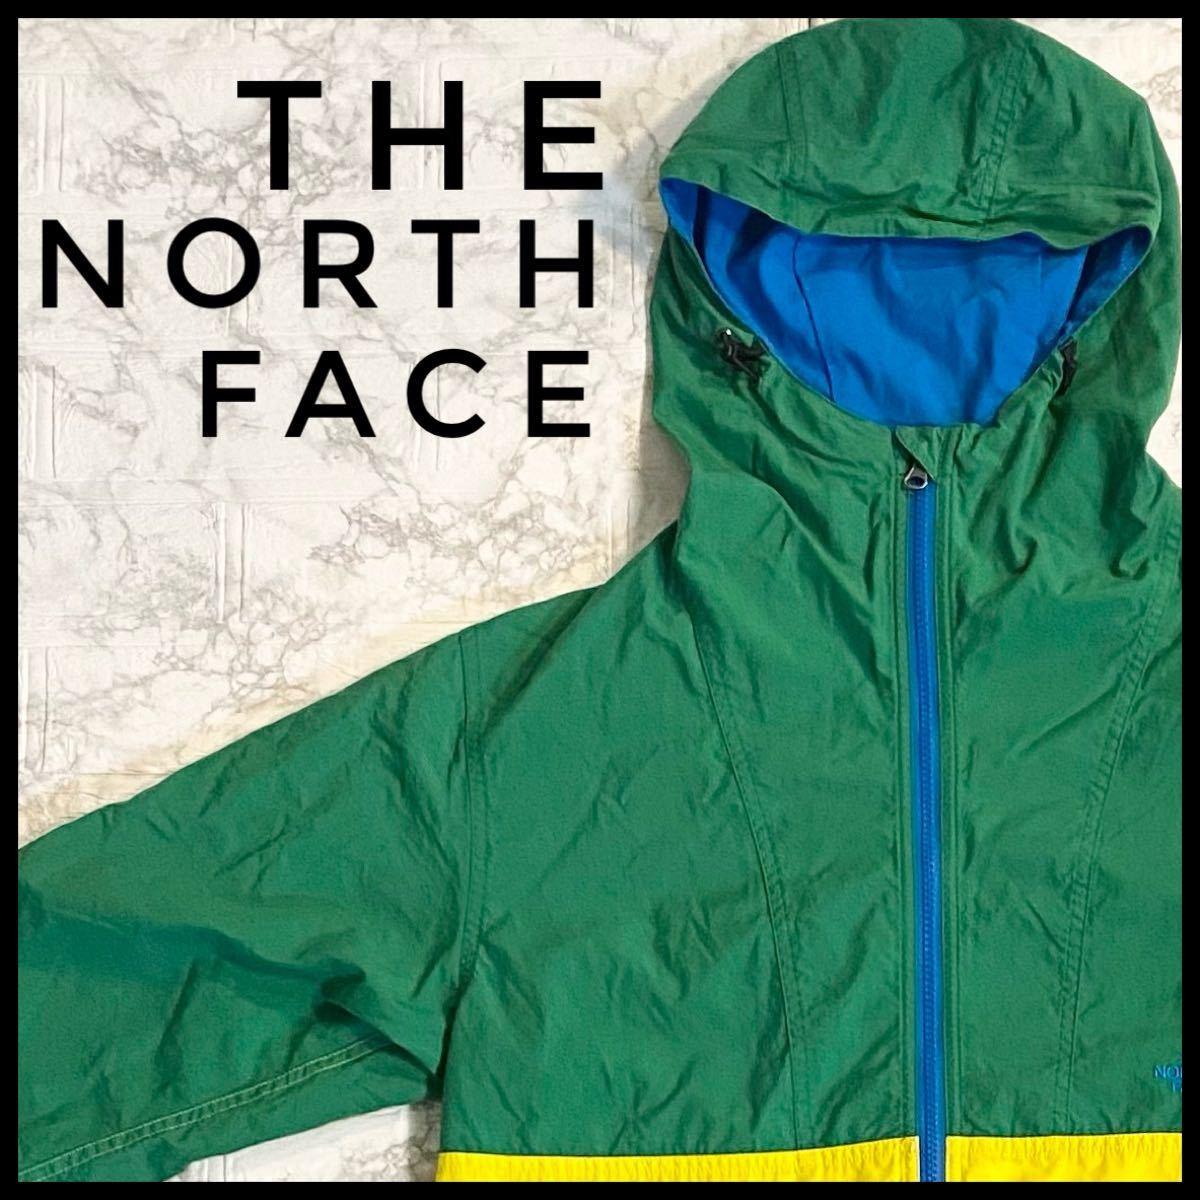 THE NORTH FACE ザノースフェイス マウンテンパーカー Mサイズ